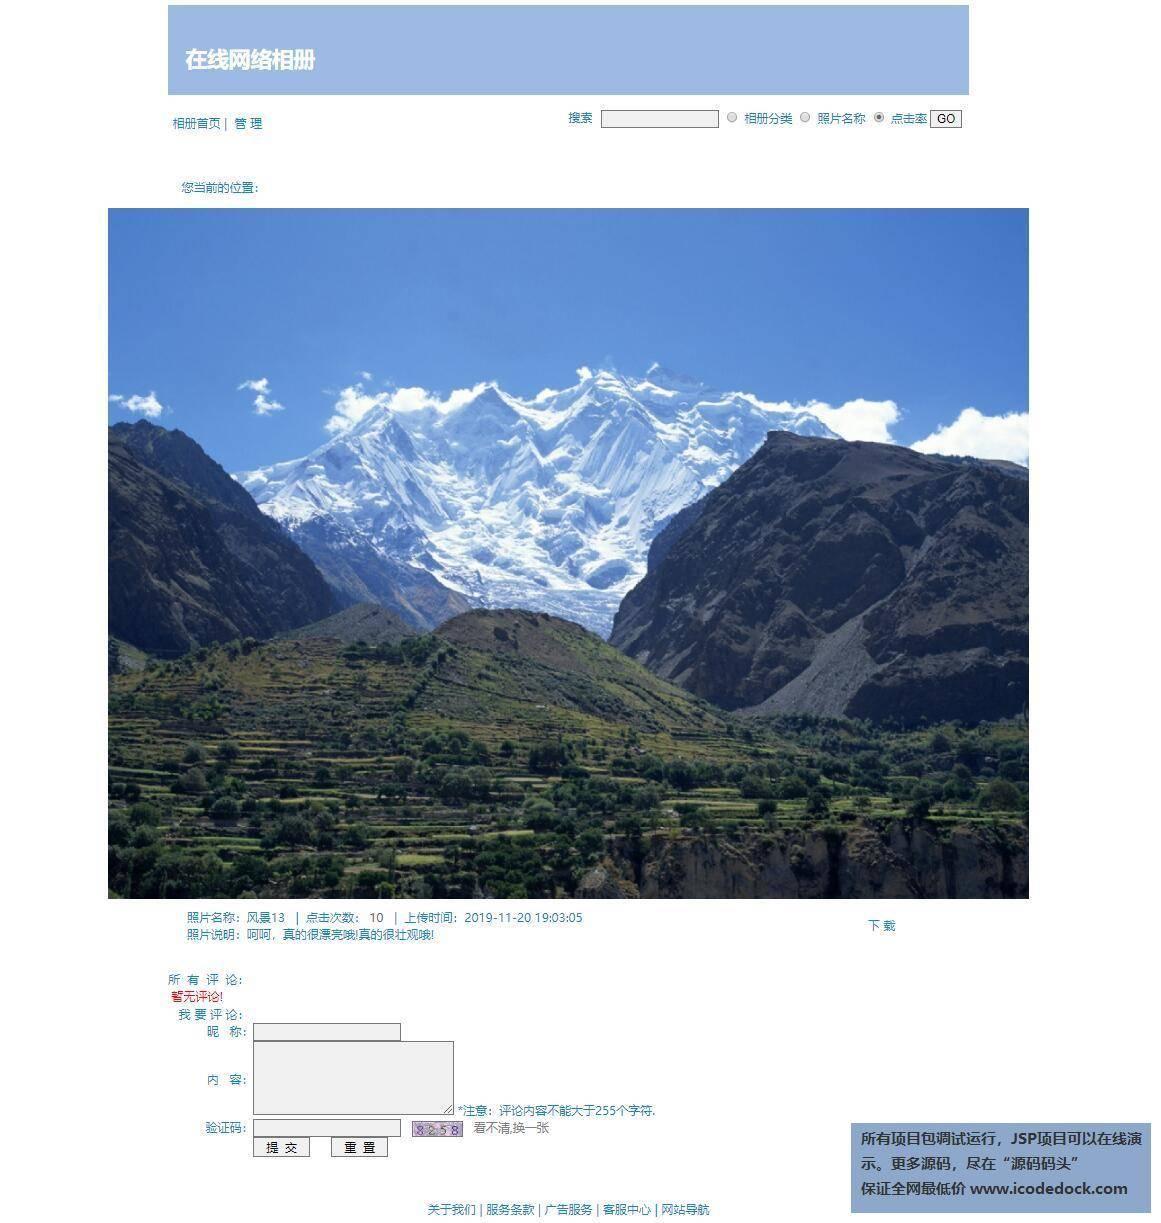 源码码头-JSP相册管理系统-用户角色-查看和下载图片